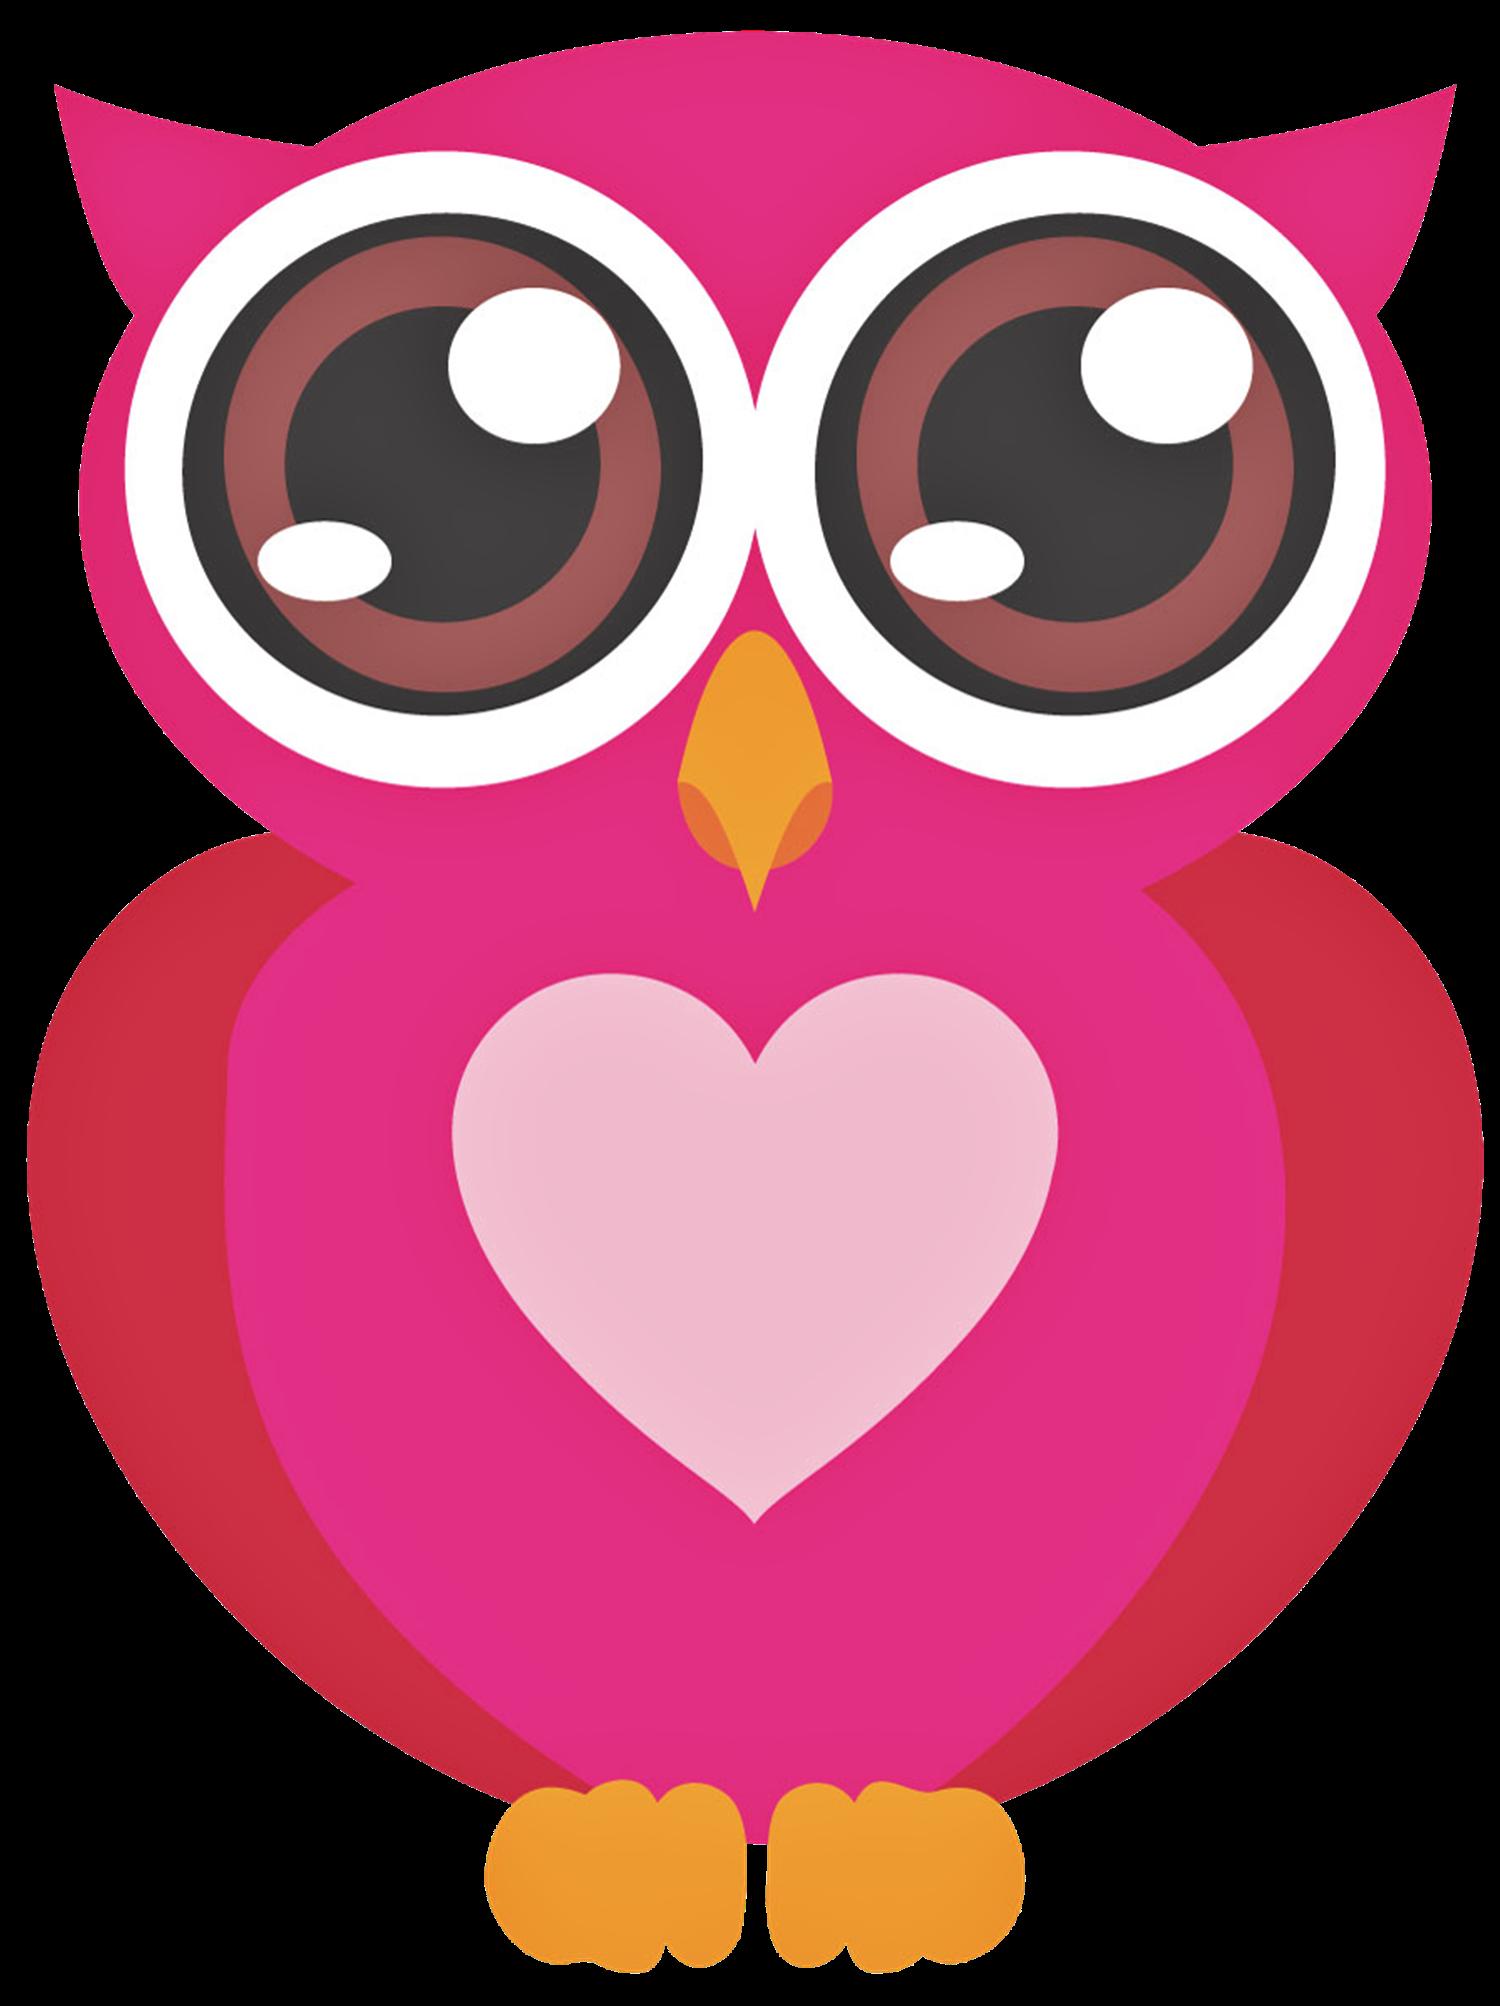 February clipart owl. Corujas corujinhas owls imagem